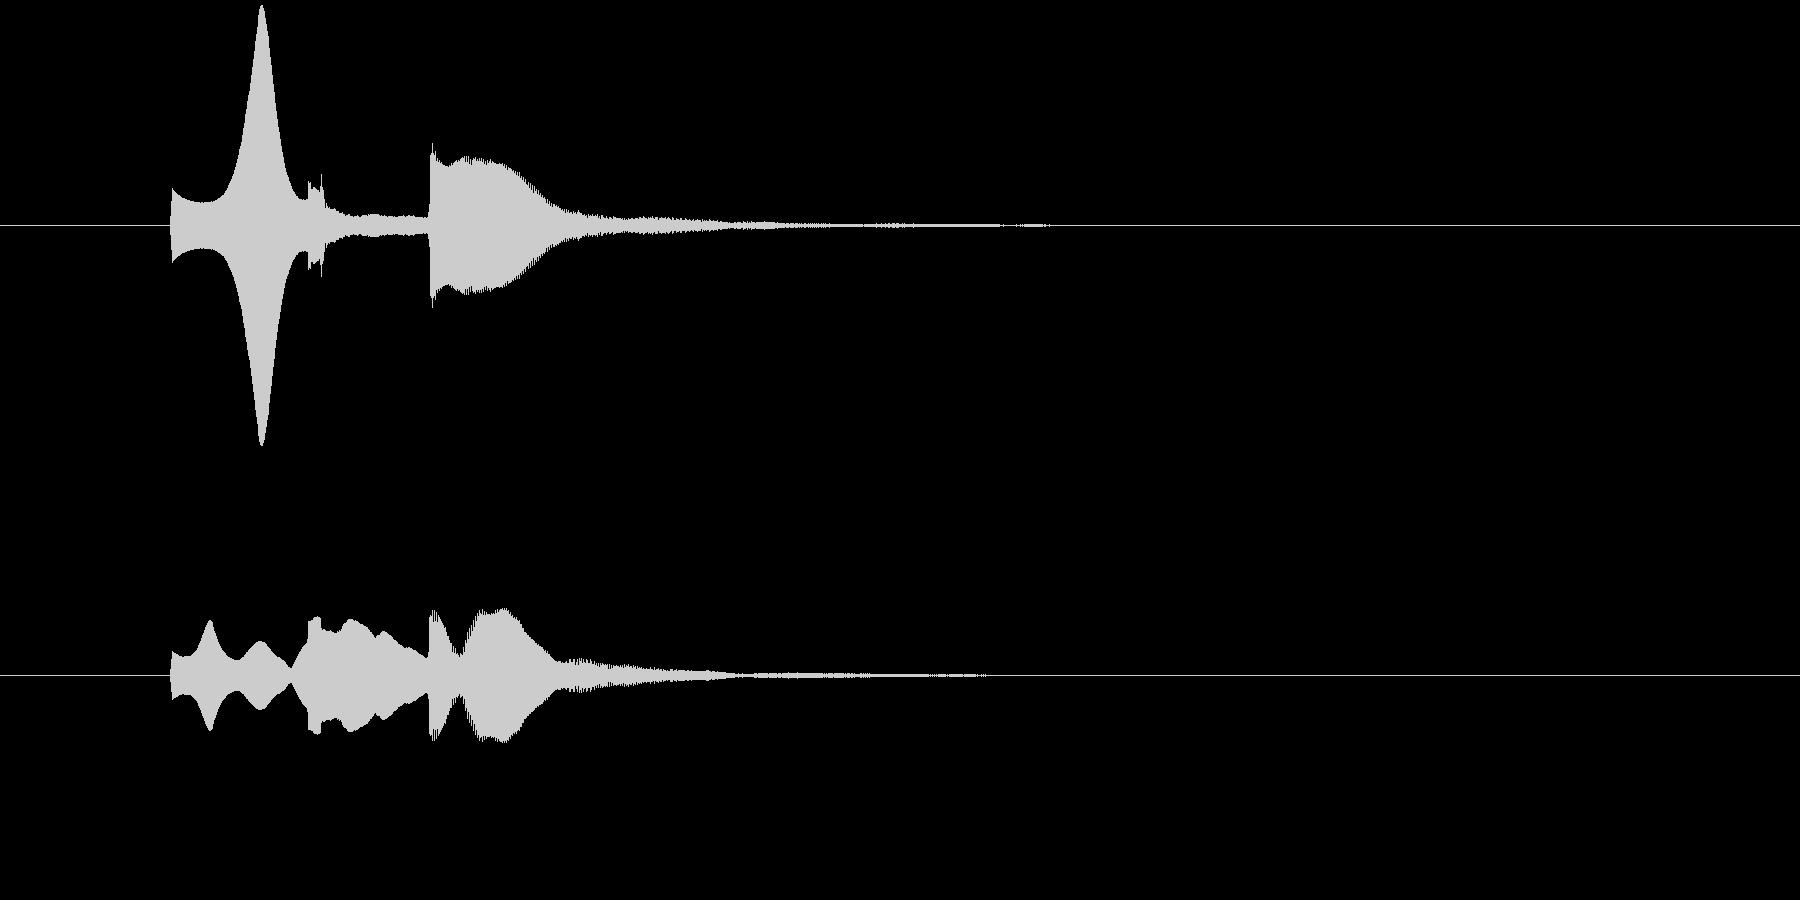 ピポパ(お知らせ音・解説・注目・表示)の未再生の波形